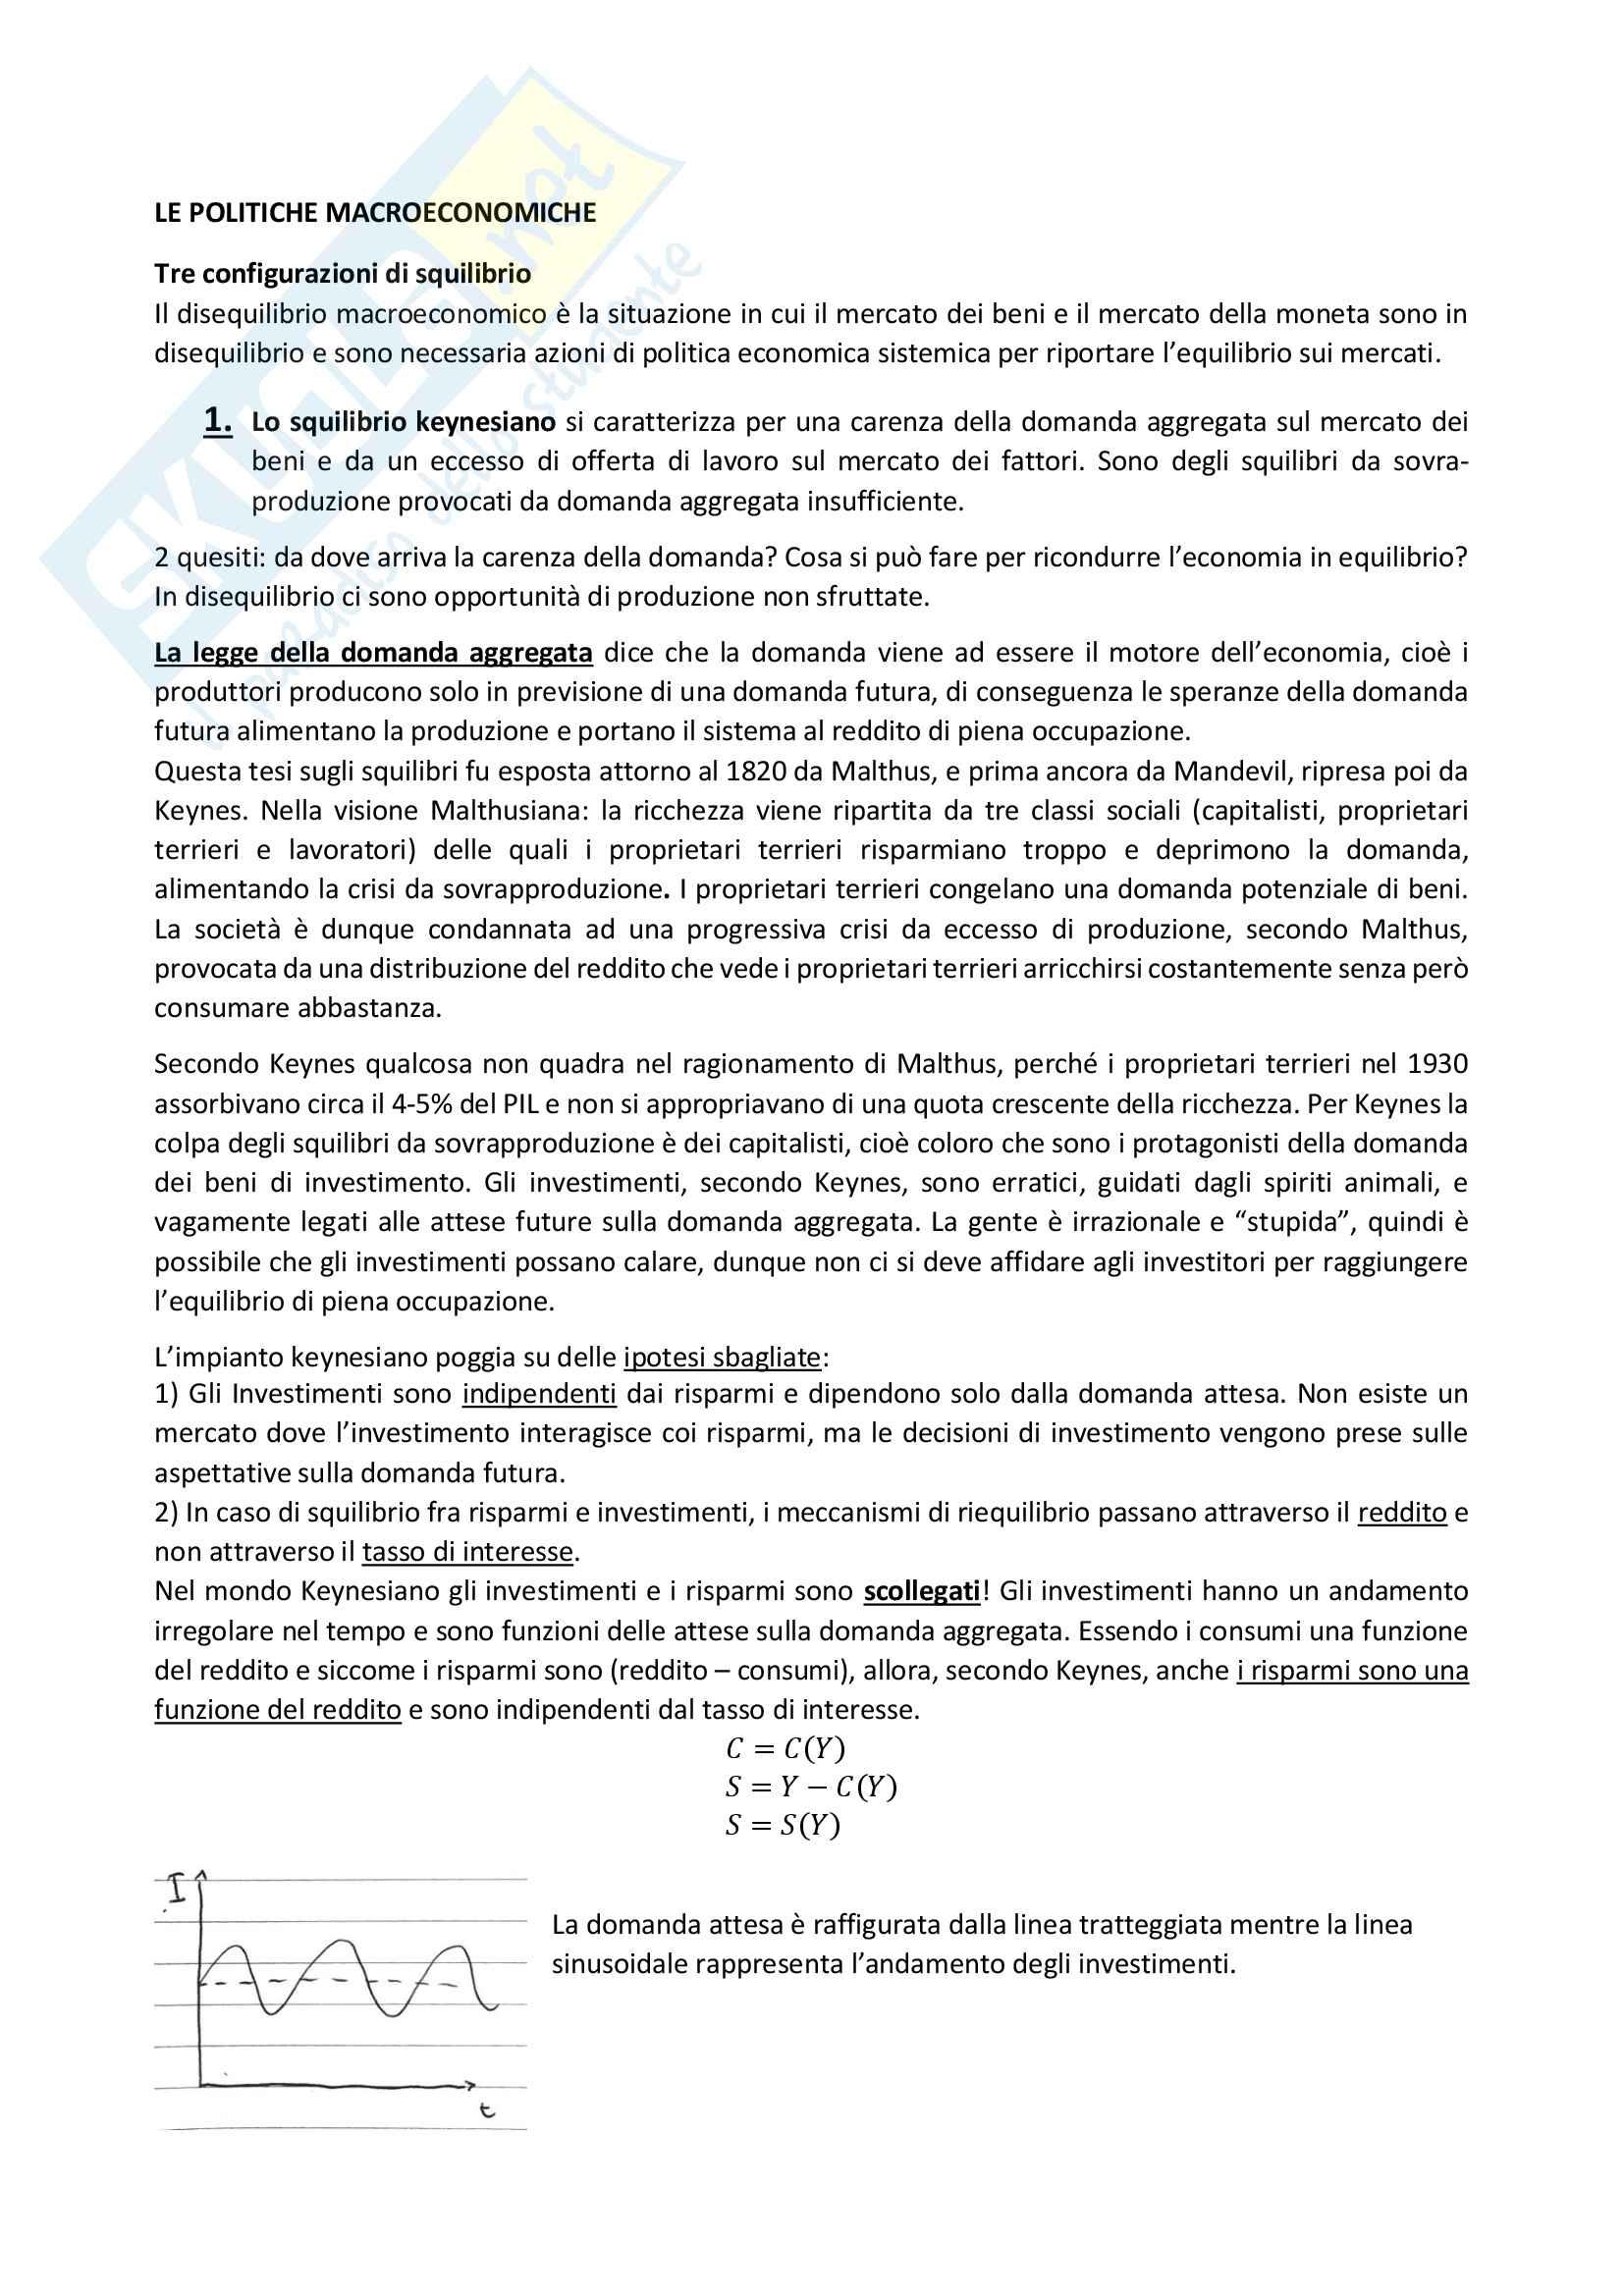 Riassunto esame Politica Economica (quarta parte: le politiche macroeconomiche), prof. Colombatto